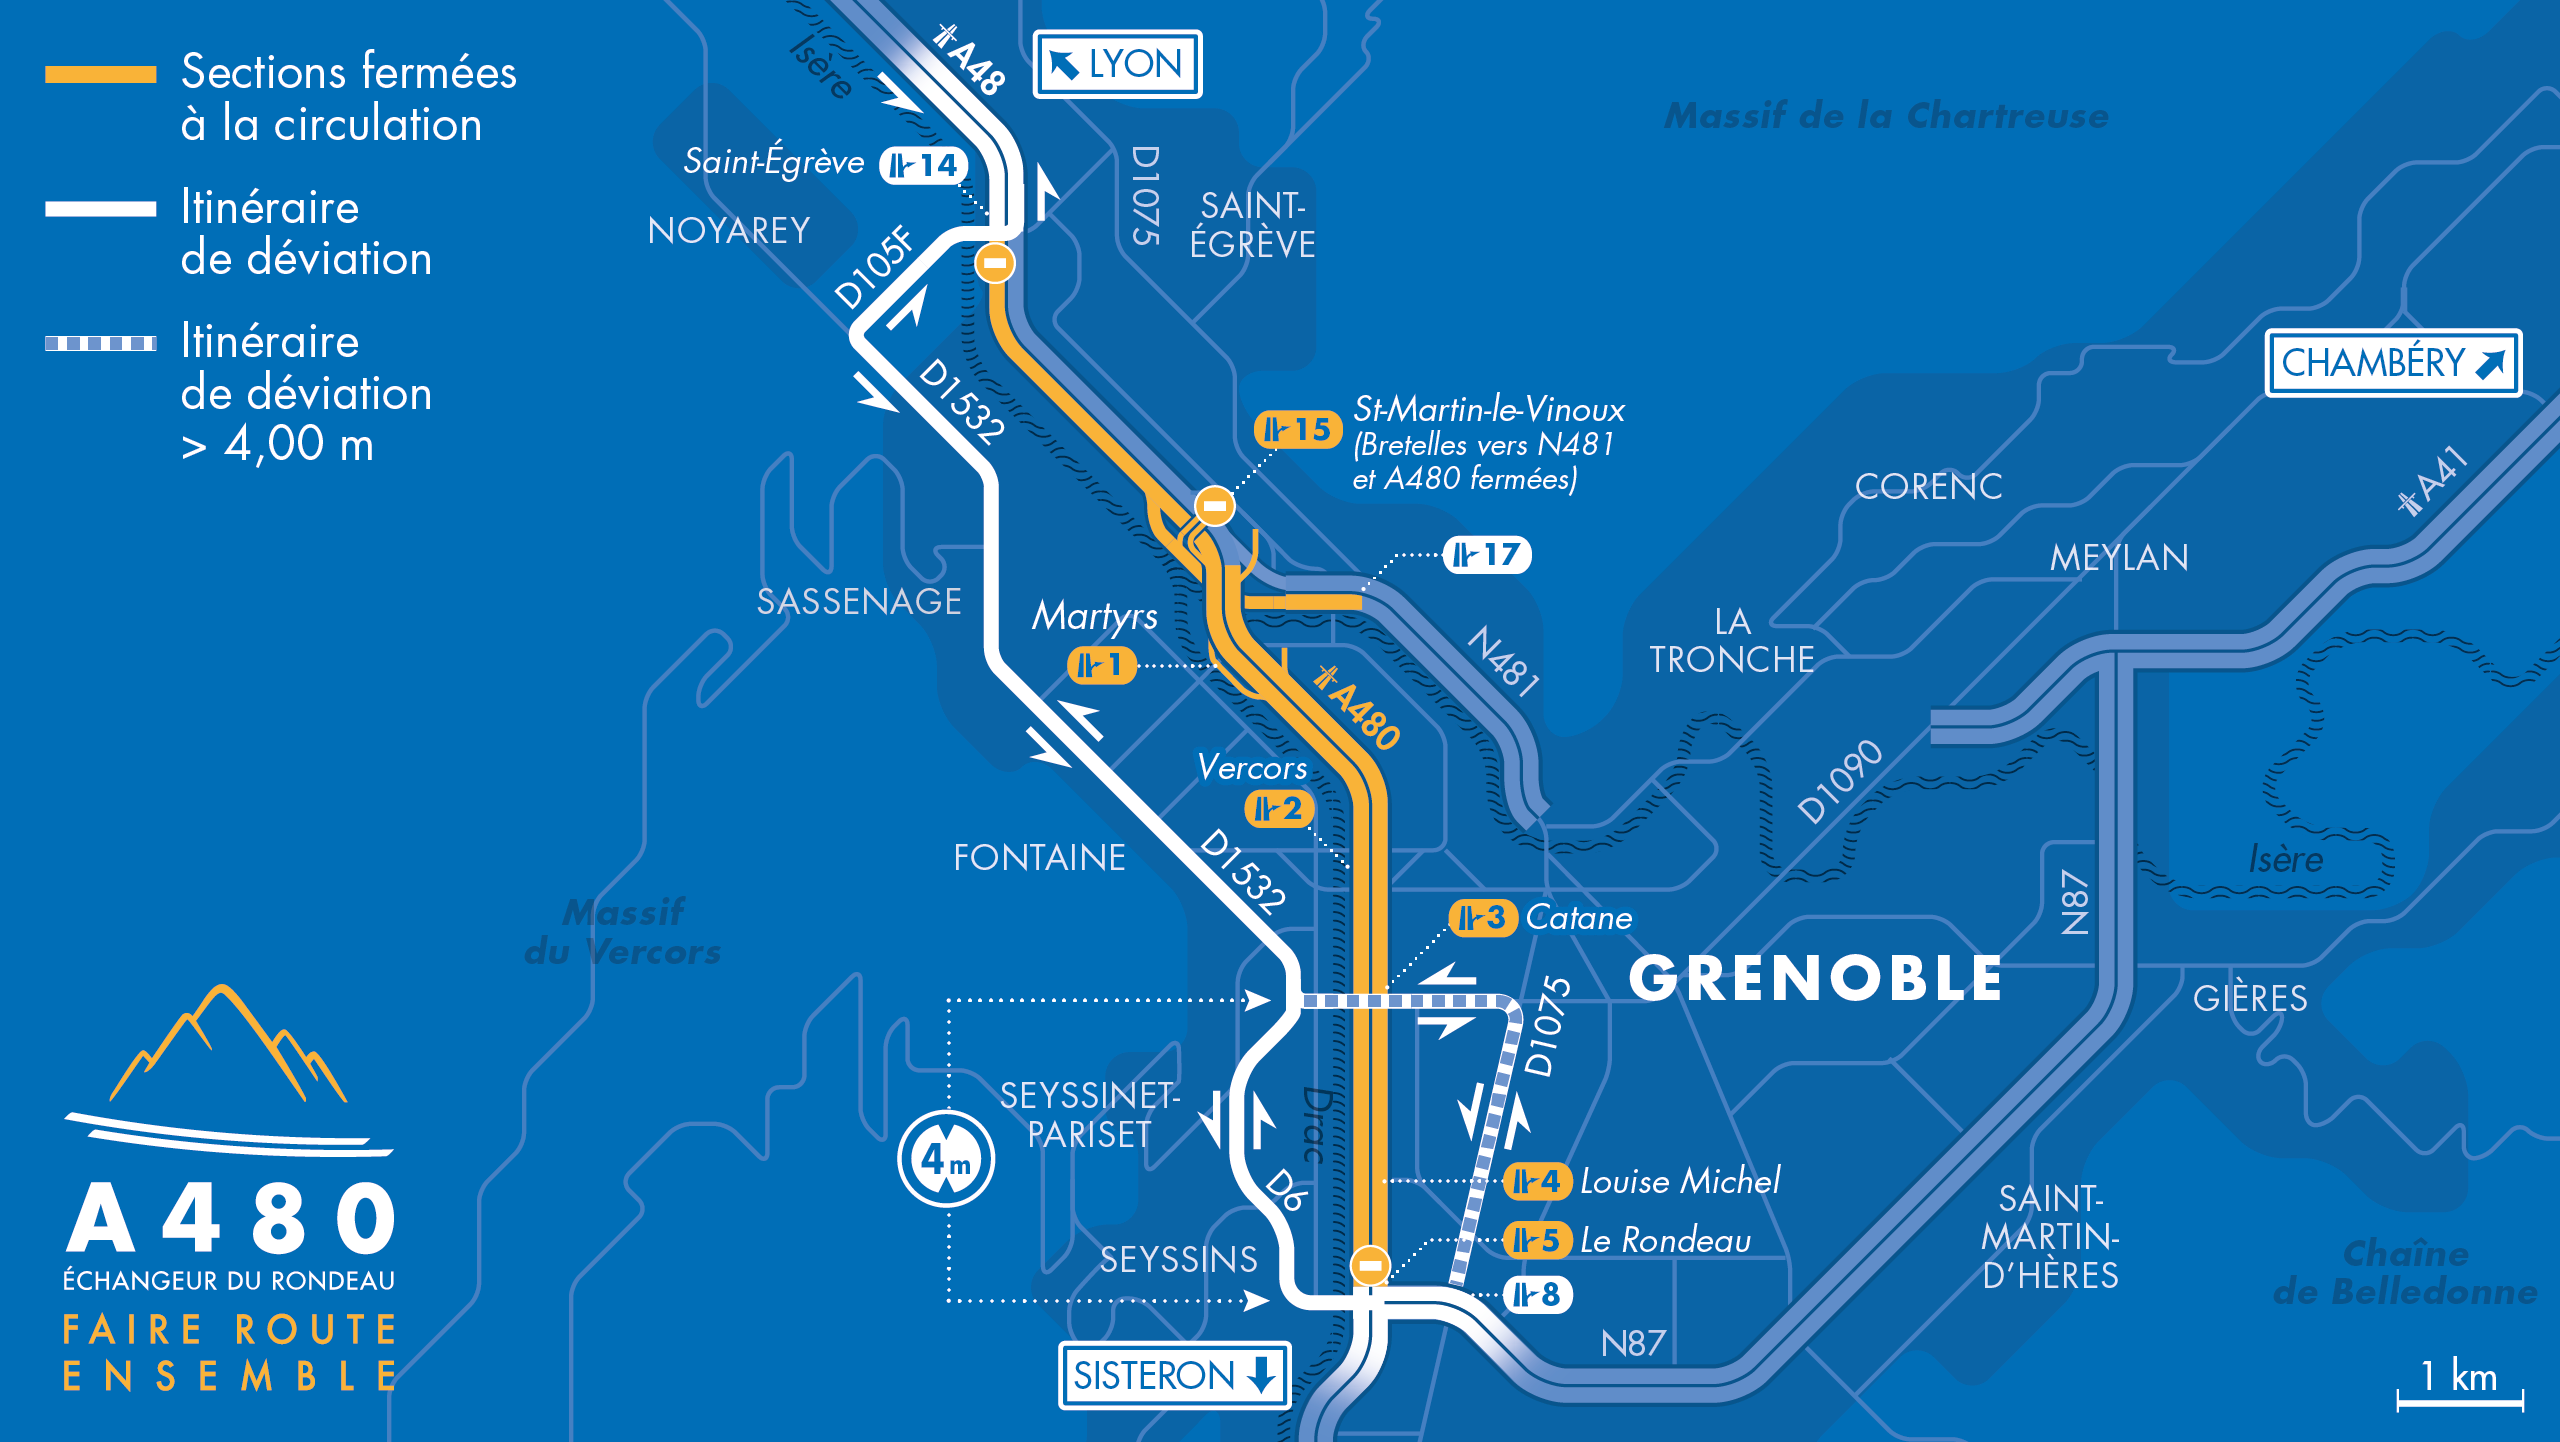 Carte des déviations entre le diffuseur du Rondeau (n°5), la bifurcation A48/A480/N481 et le diffuseur de Saint-Egrève (n°14) suite aux fermetures nocturnes de l'A480 à Grenoble